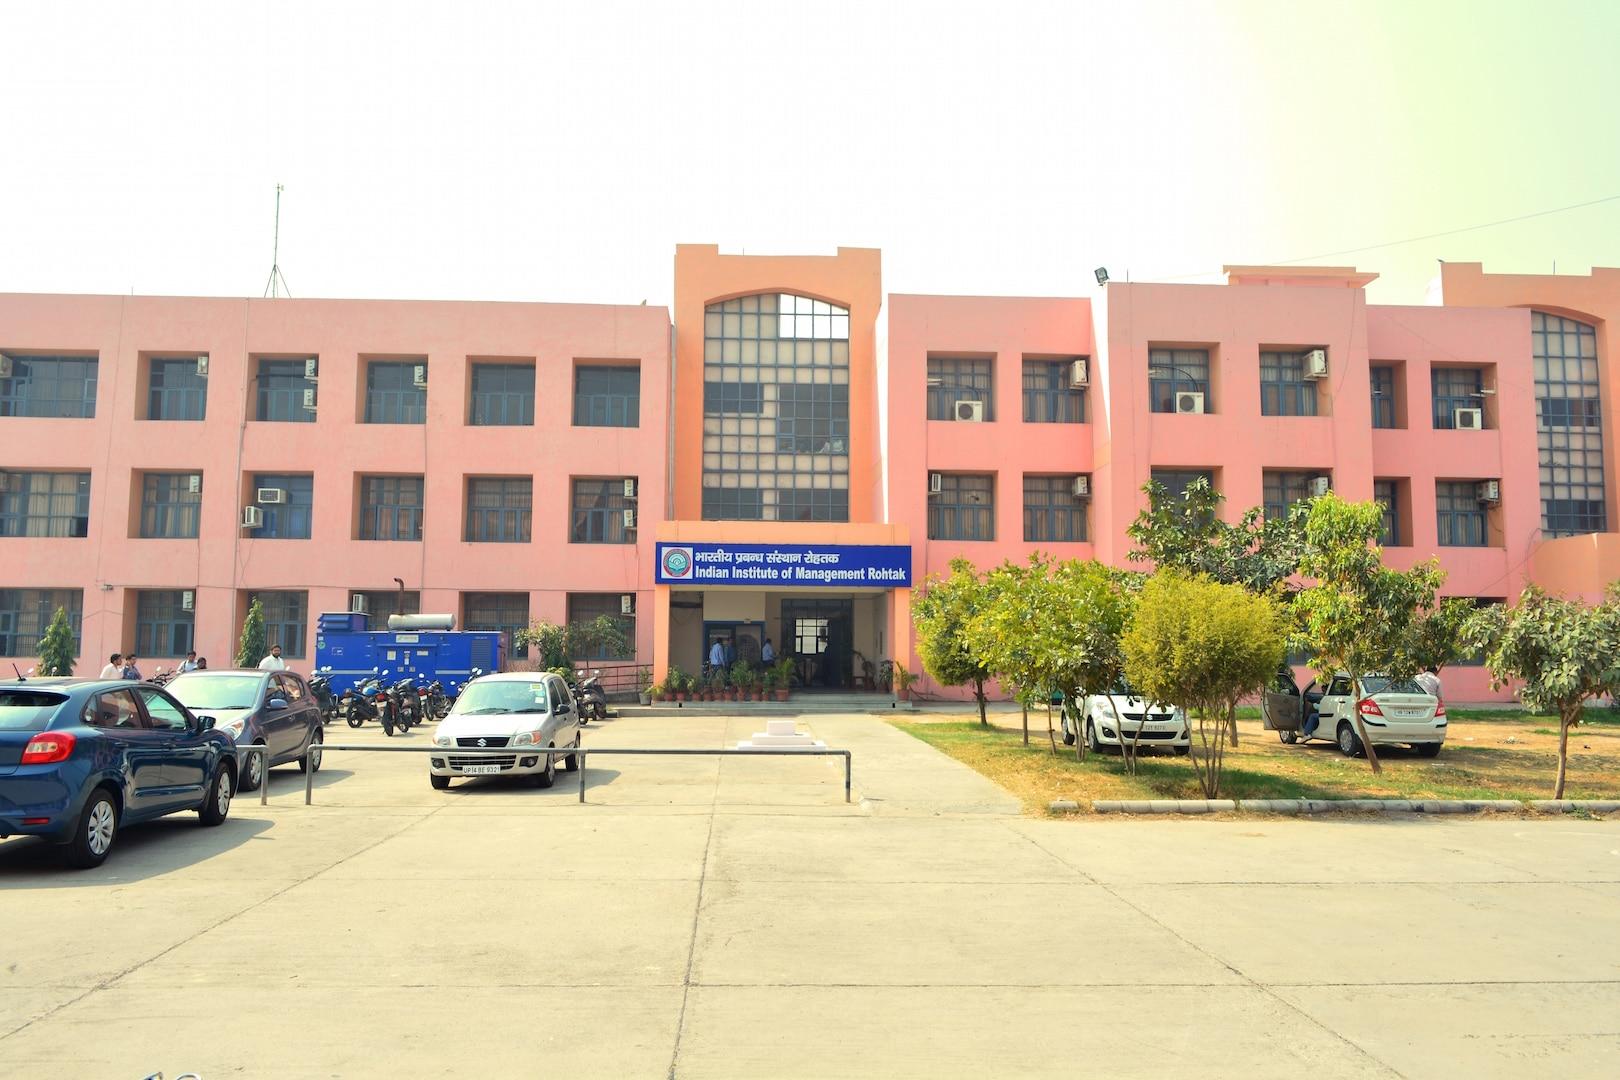 Indian Institute of Management - IIM Rohtak